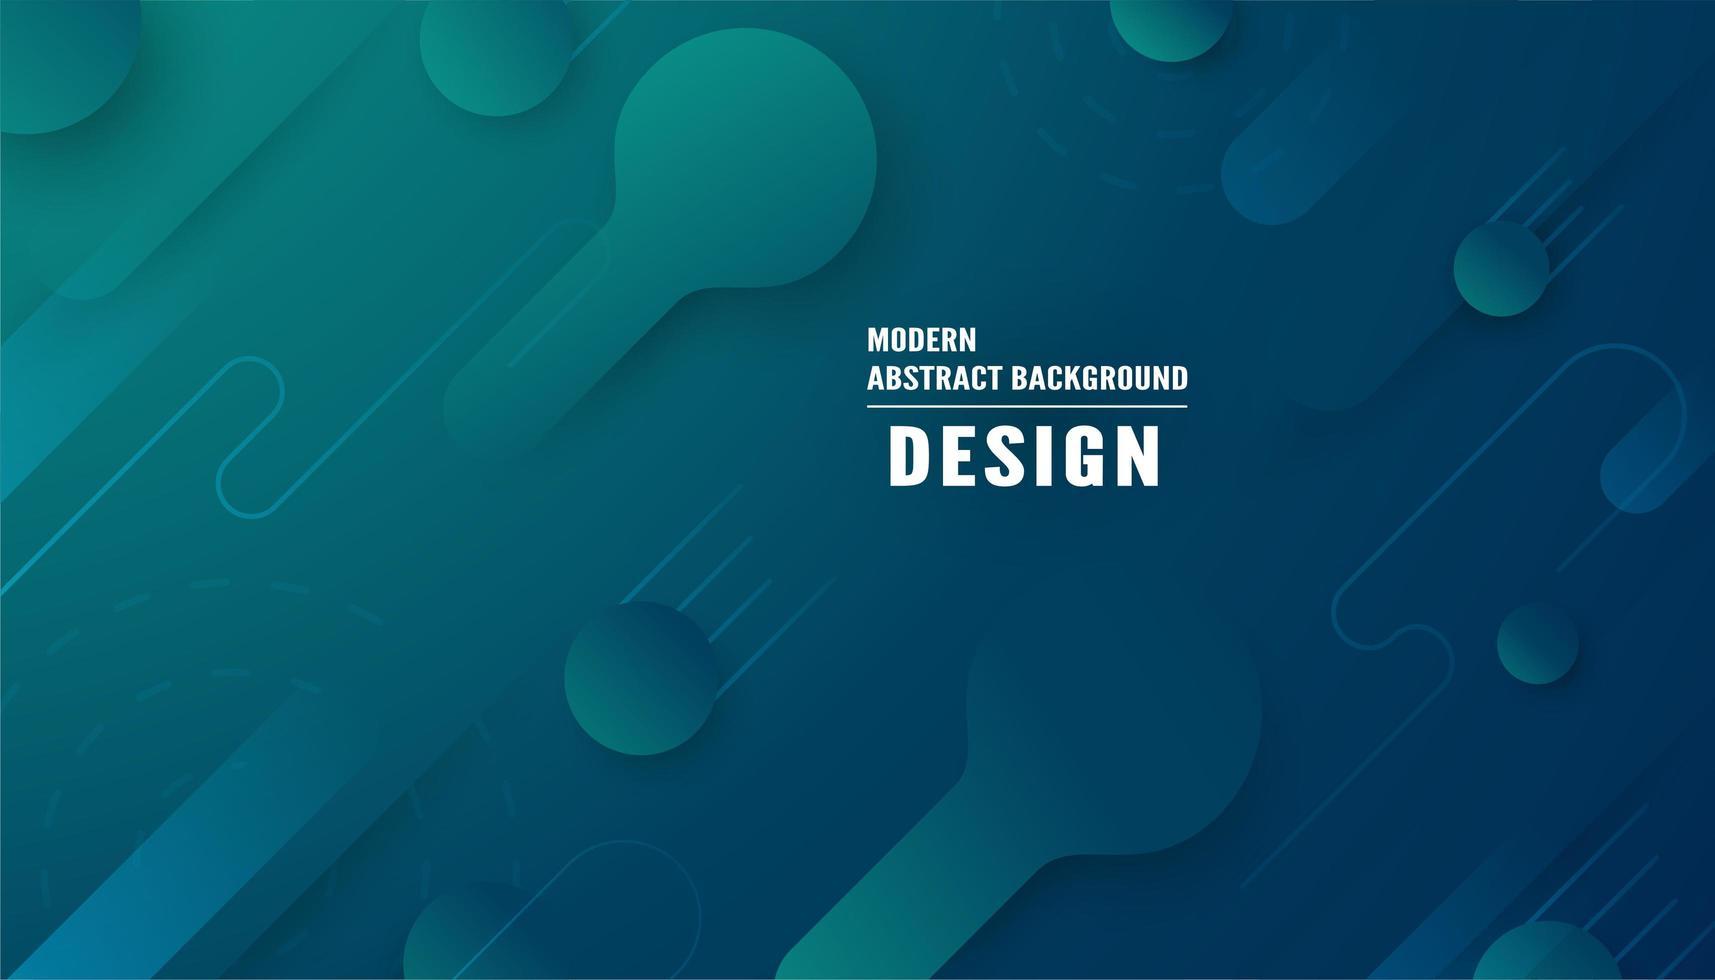 modern abstrakt blågrön form bakgrund vektor